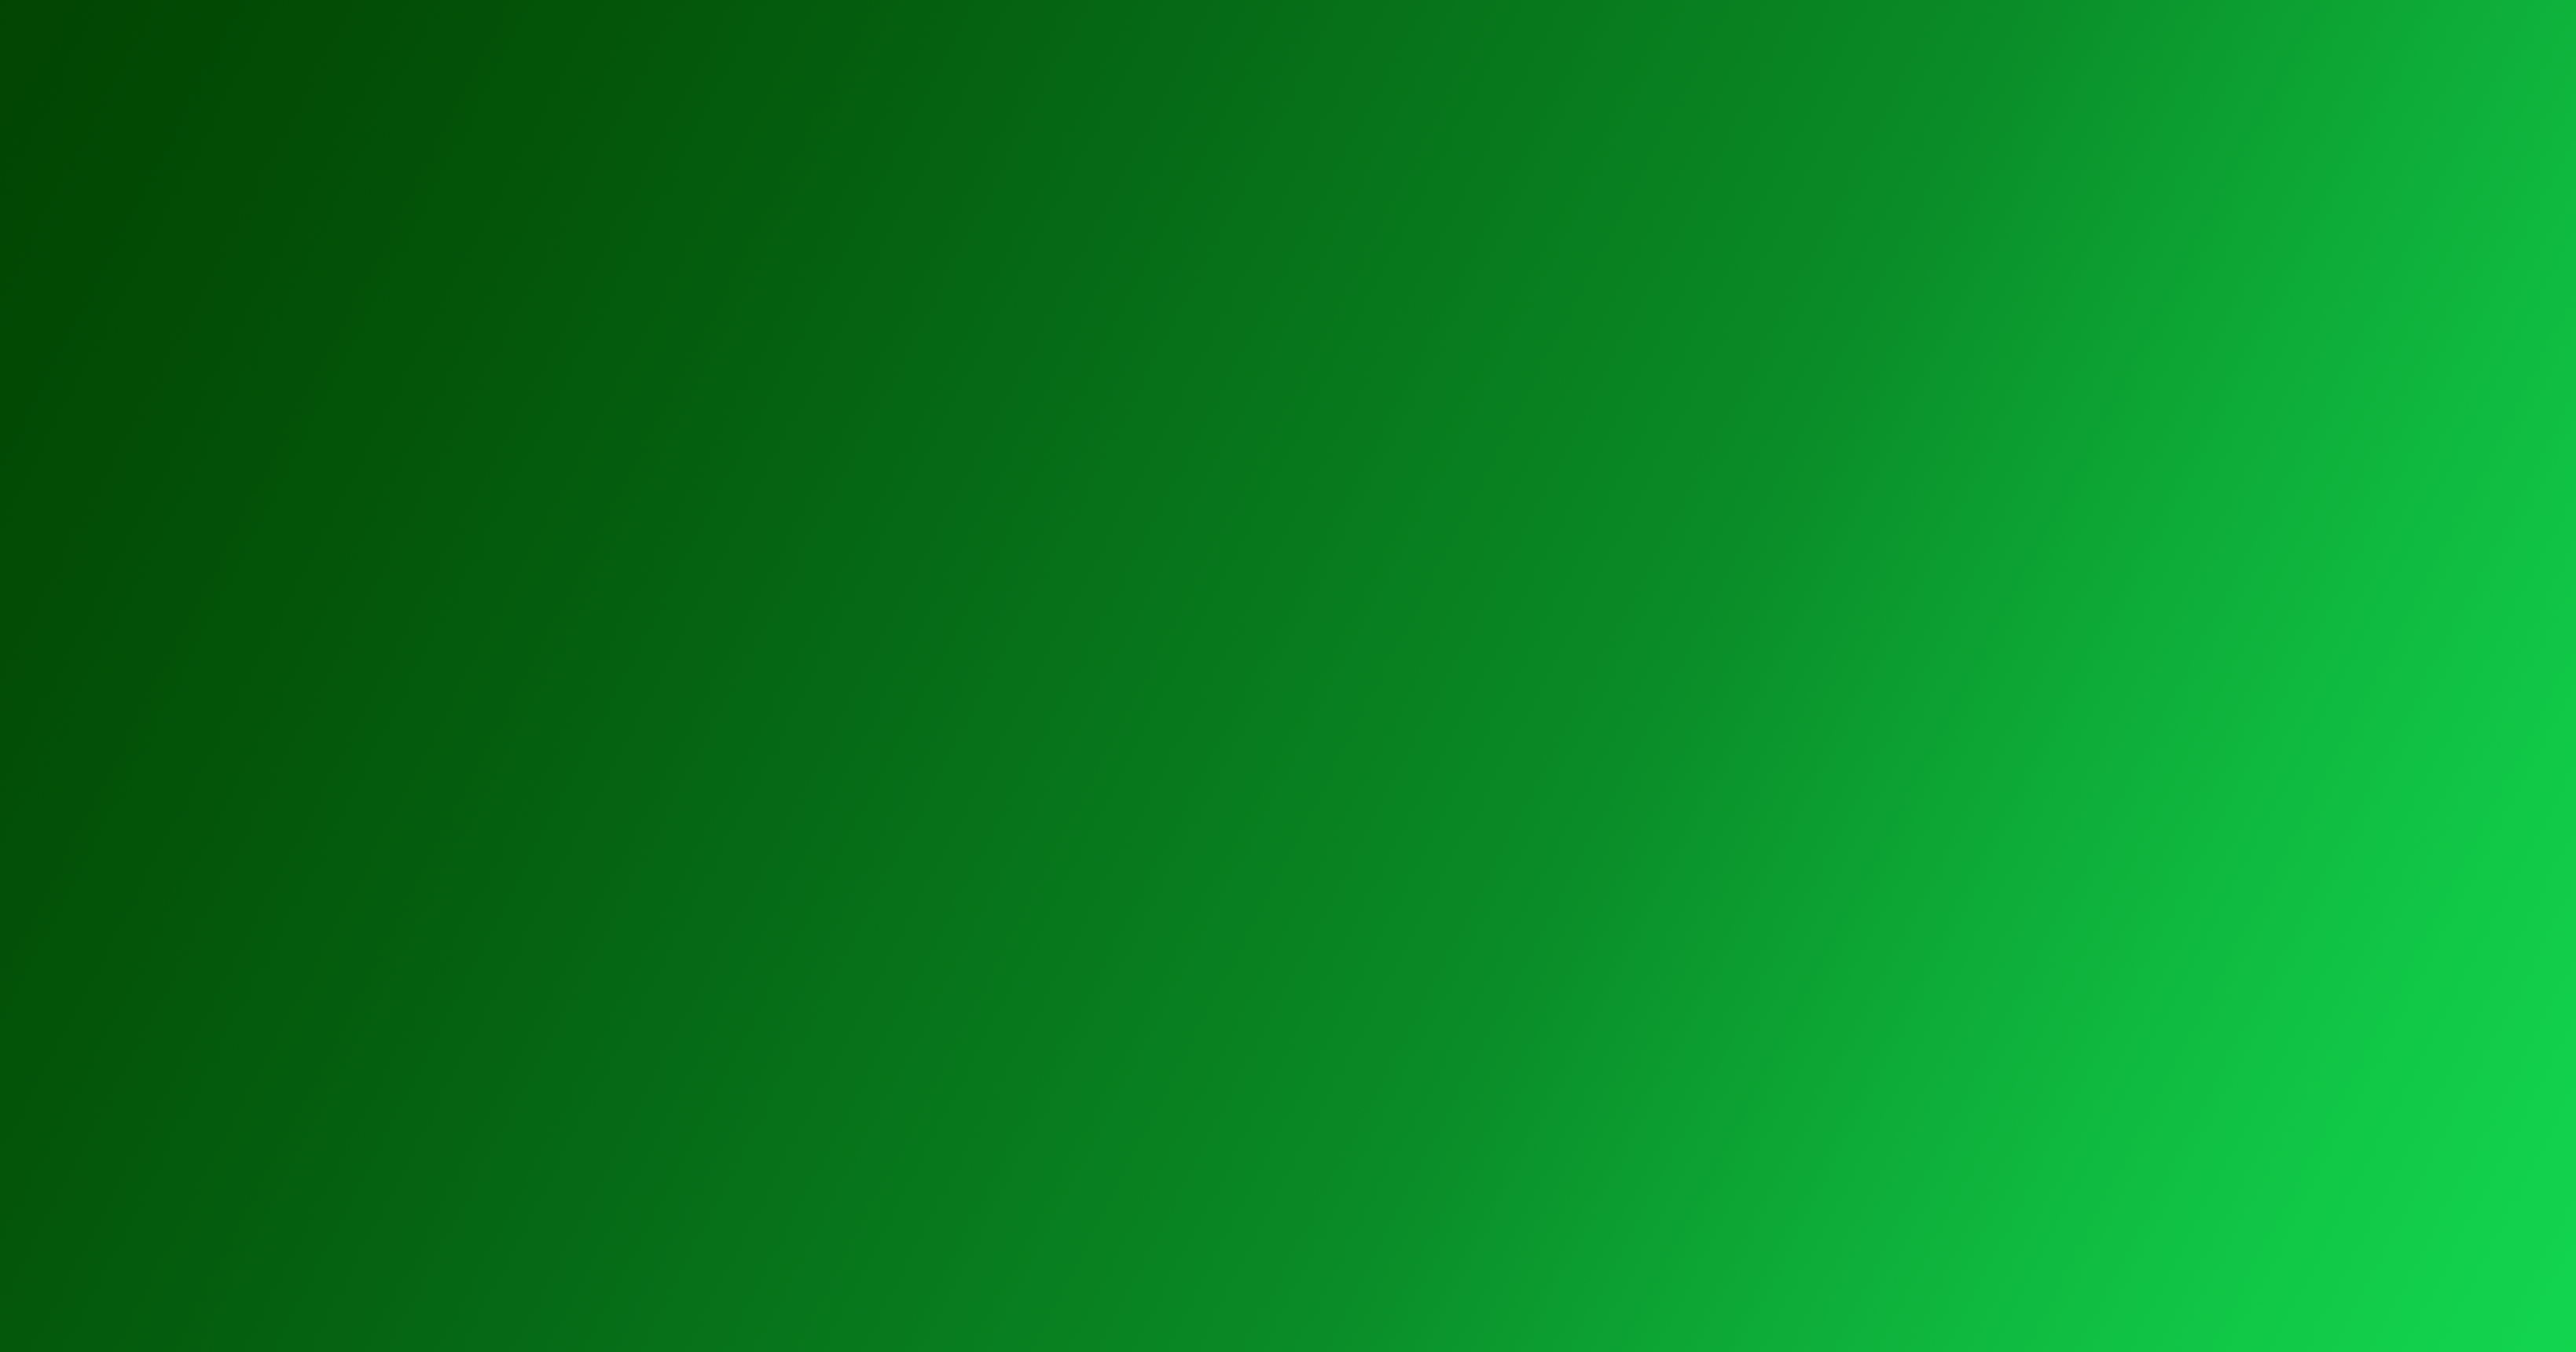 qsai_verde